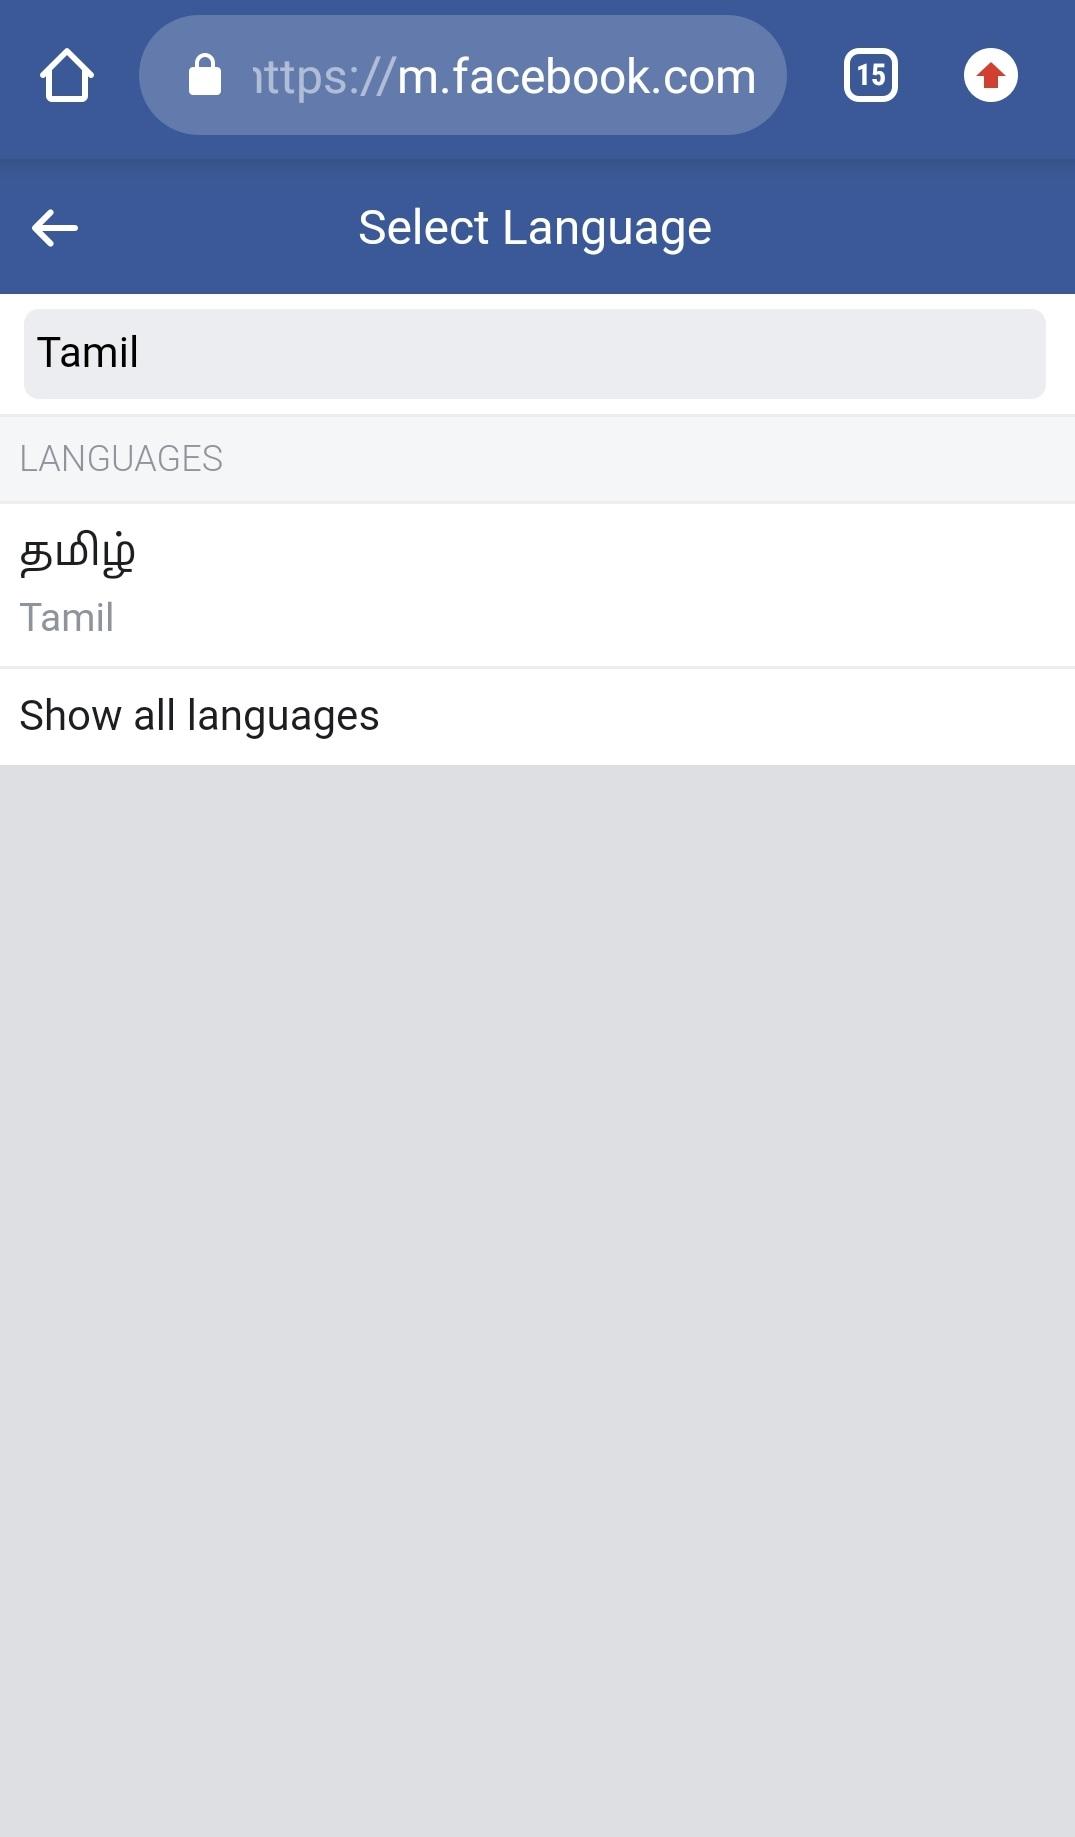 3 cách đổi tên Facebook thành 1 chữ đơn giản trong chớp mắt 18